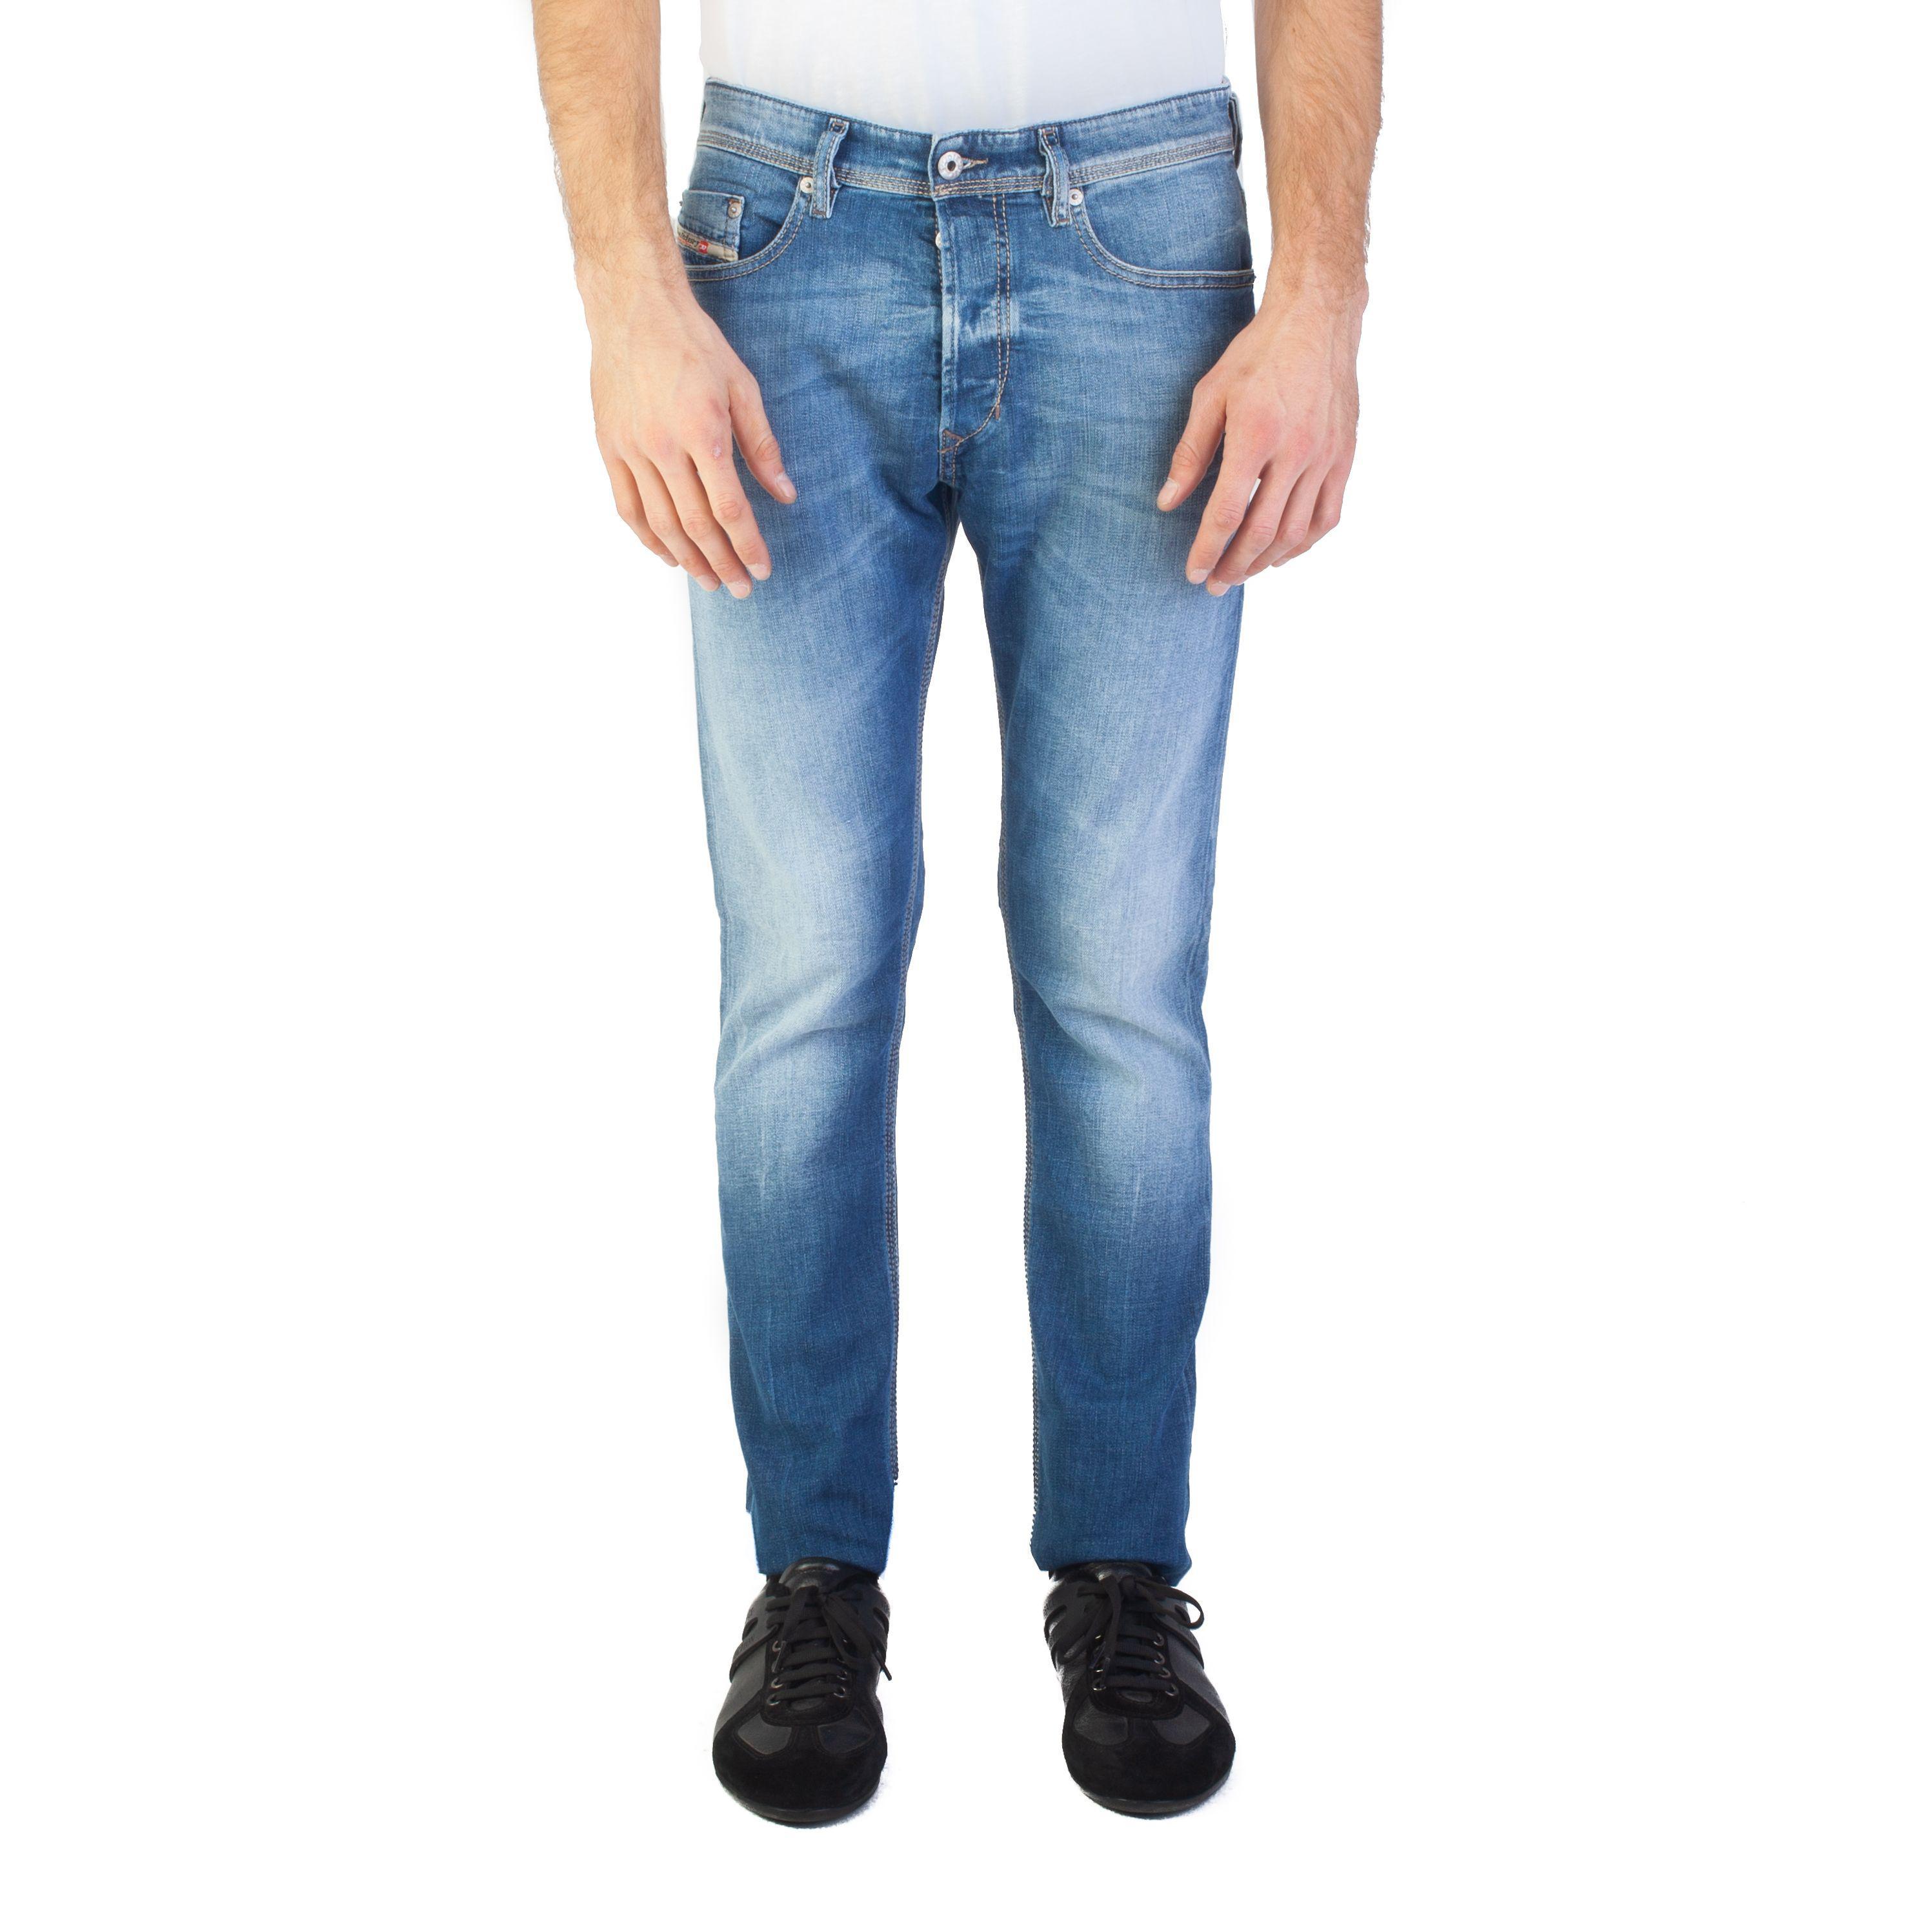 390deba5 Lyst - Diesel Men's Slim Carrot Fit Tepphar Jeans Blue in Blue for Men